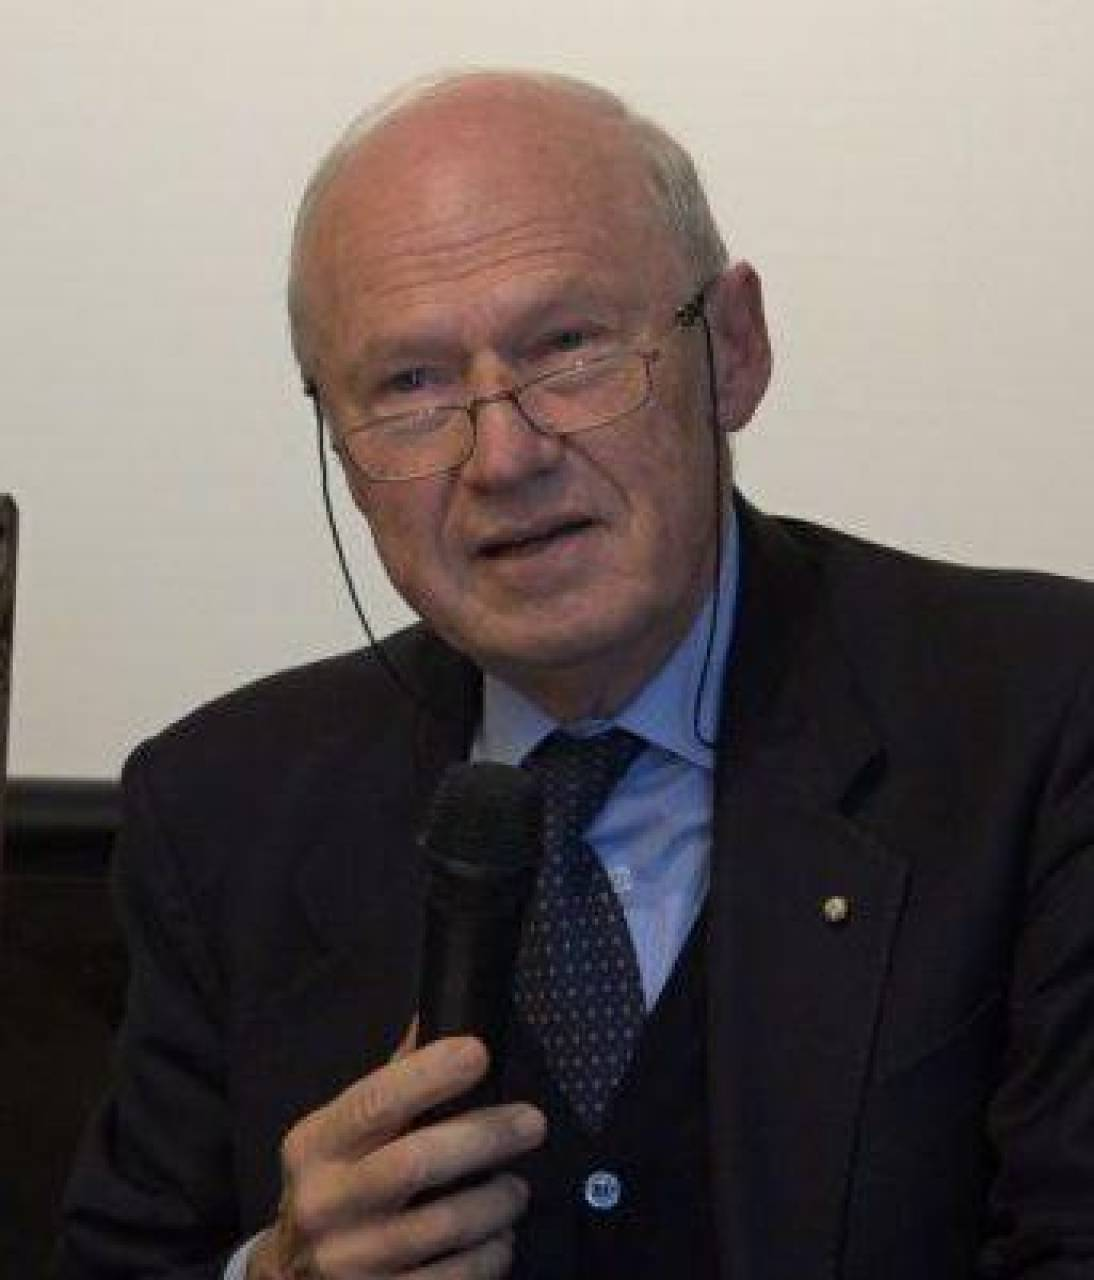 Gianfelice Bellesini, presidente del Cda dell'Opera del Duomo, ha presentato le sue dimissioni